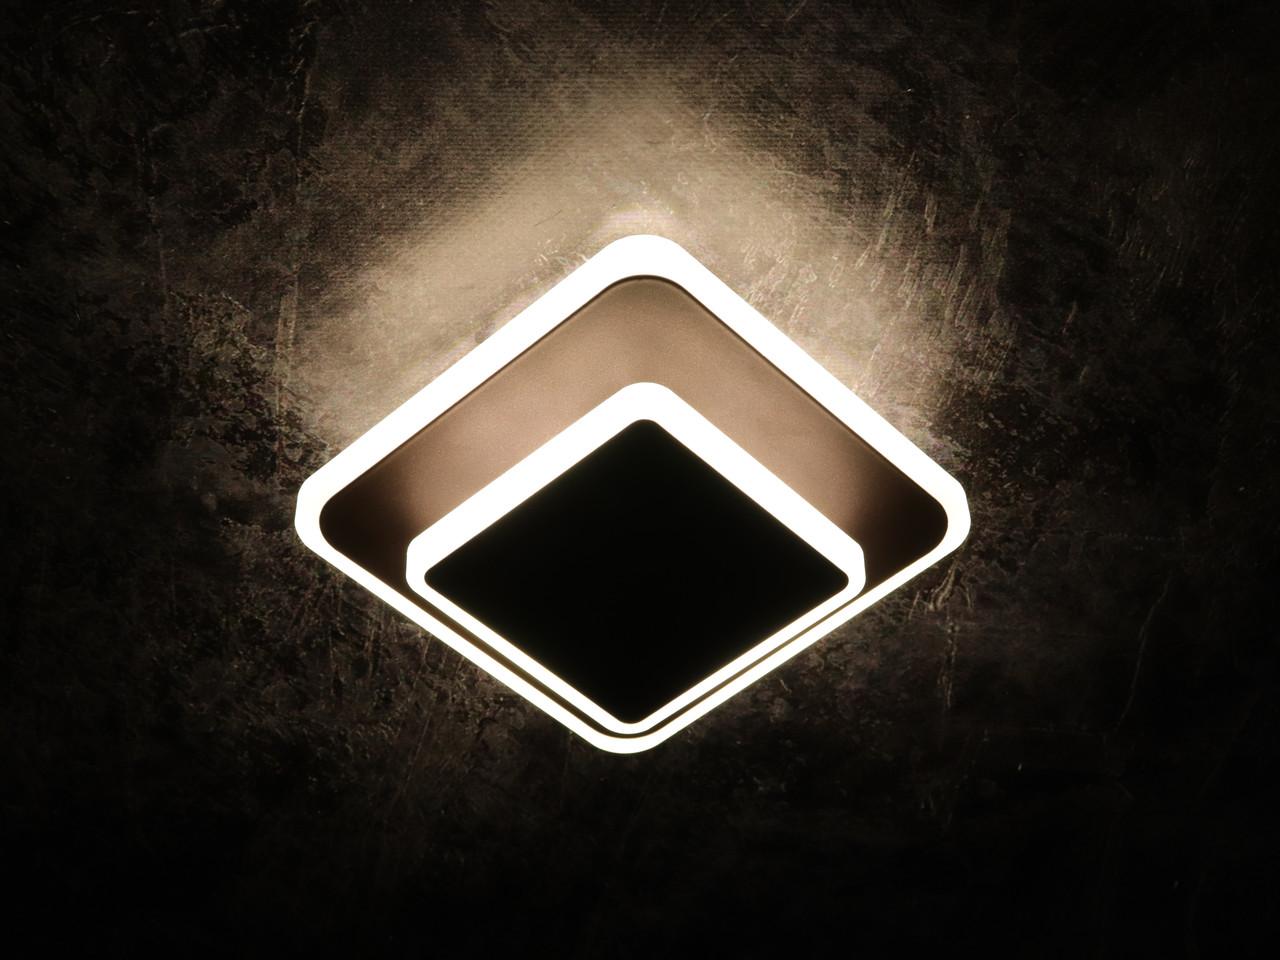 Светильник потолочный LED 8662/1S-cf-150+100 Коричневый 6х15х15 см.